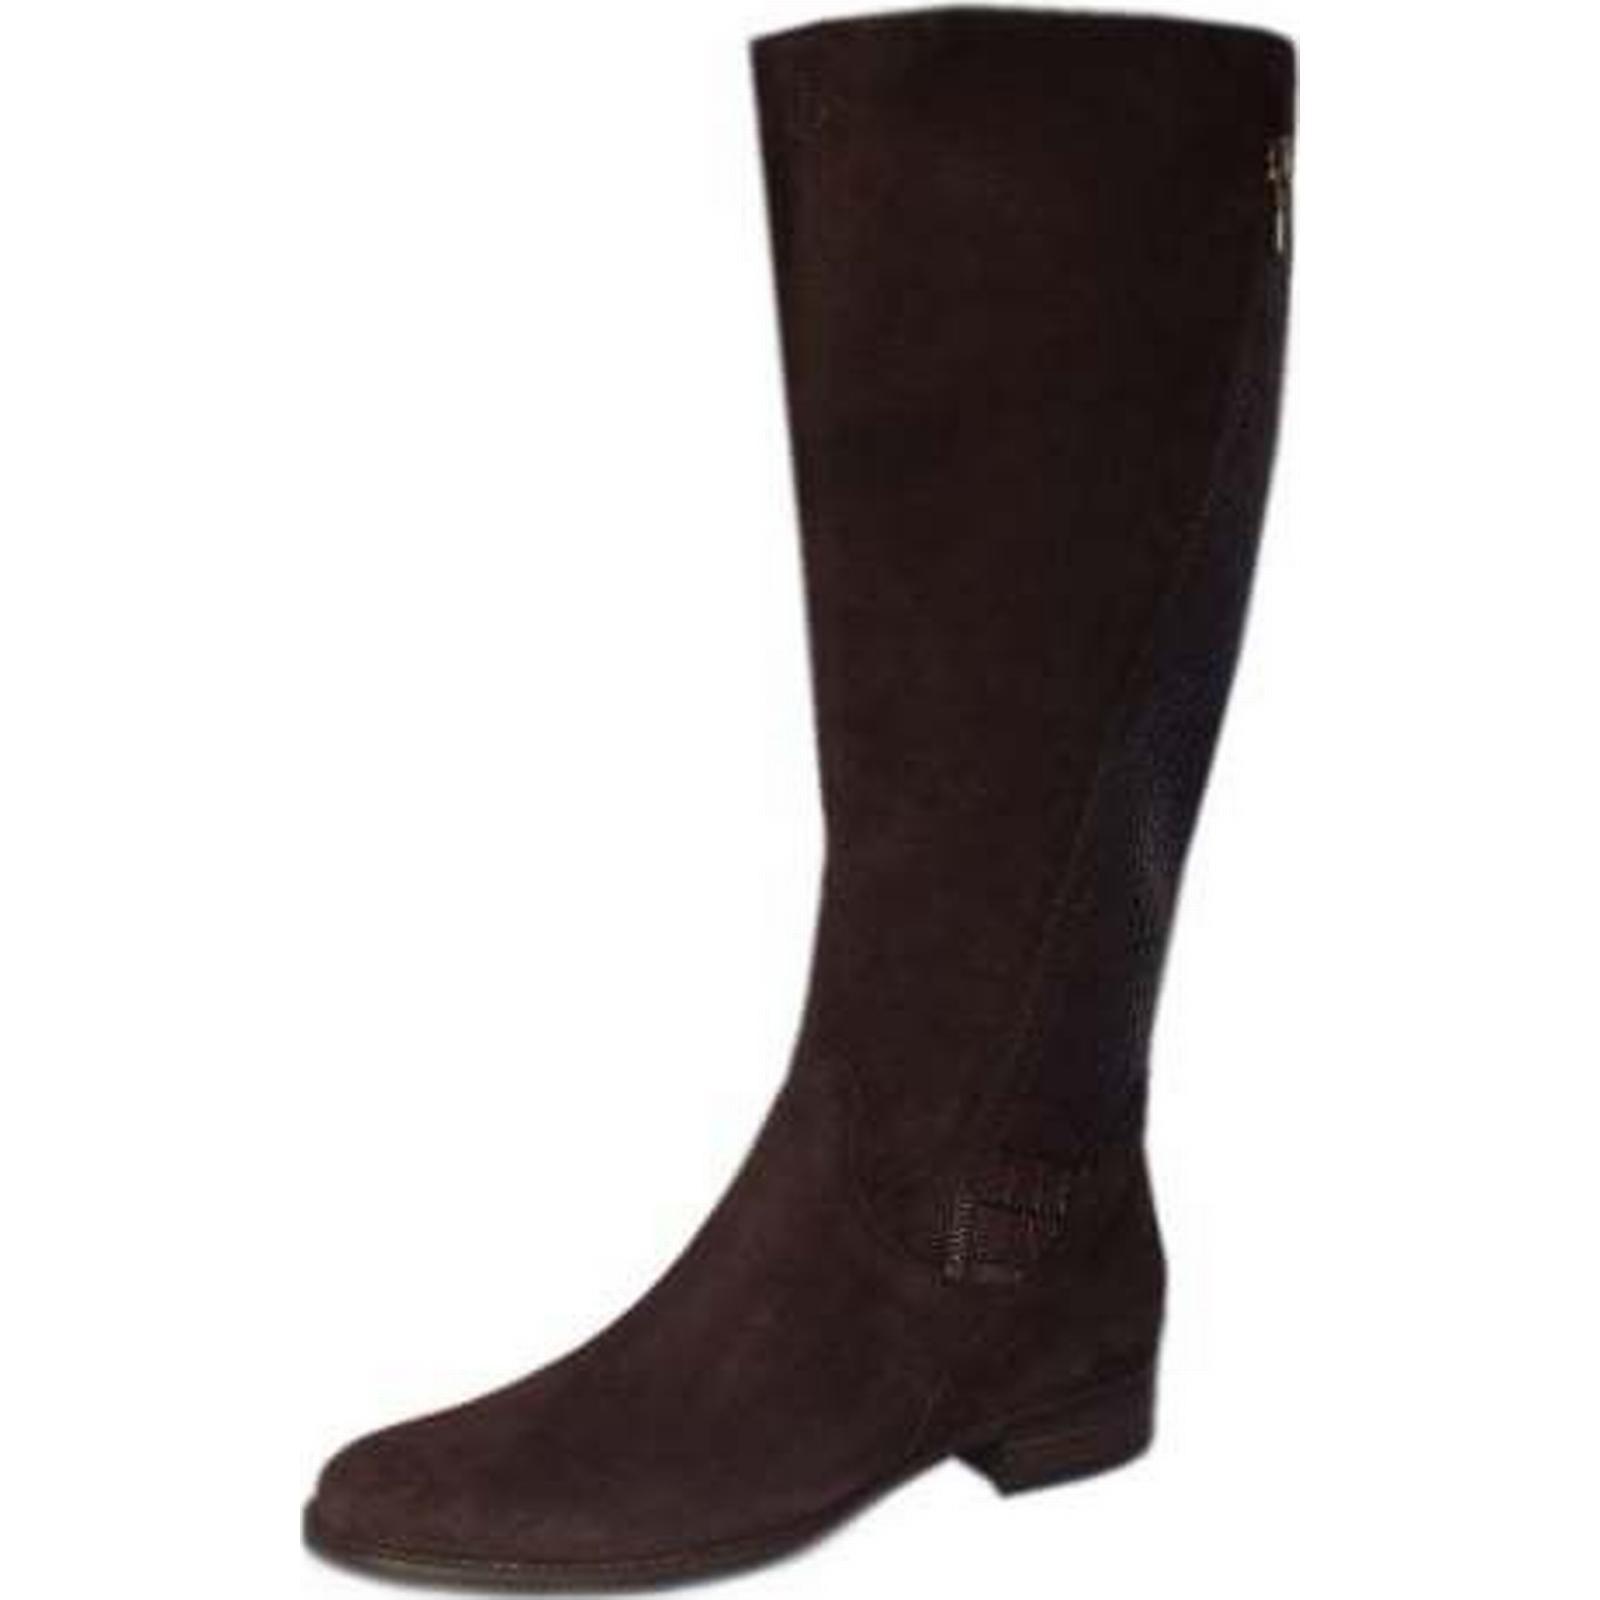 DAWSON DAWSON DAWSON MED GABOR LADIES LONG BOOTS Size: 6, Colour: BROWN 32d456